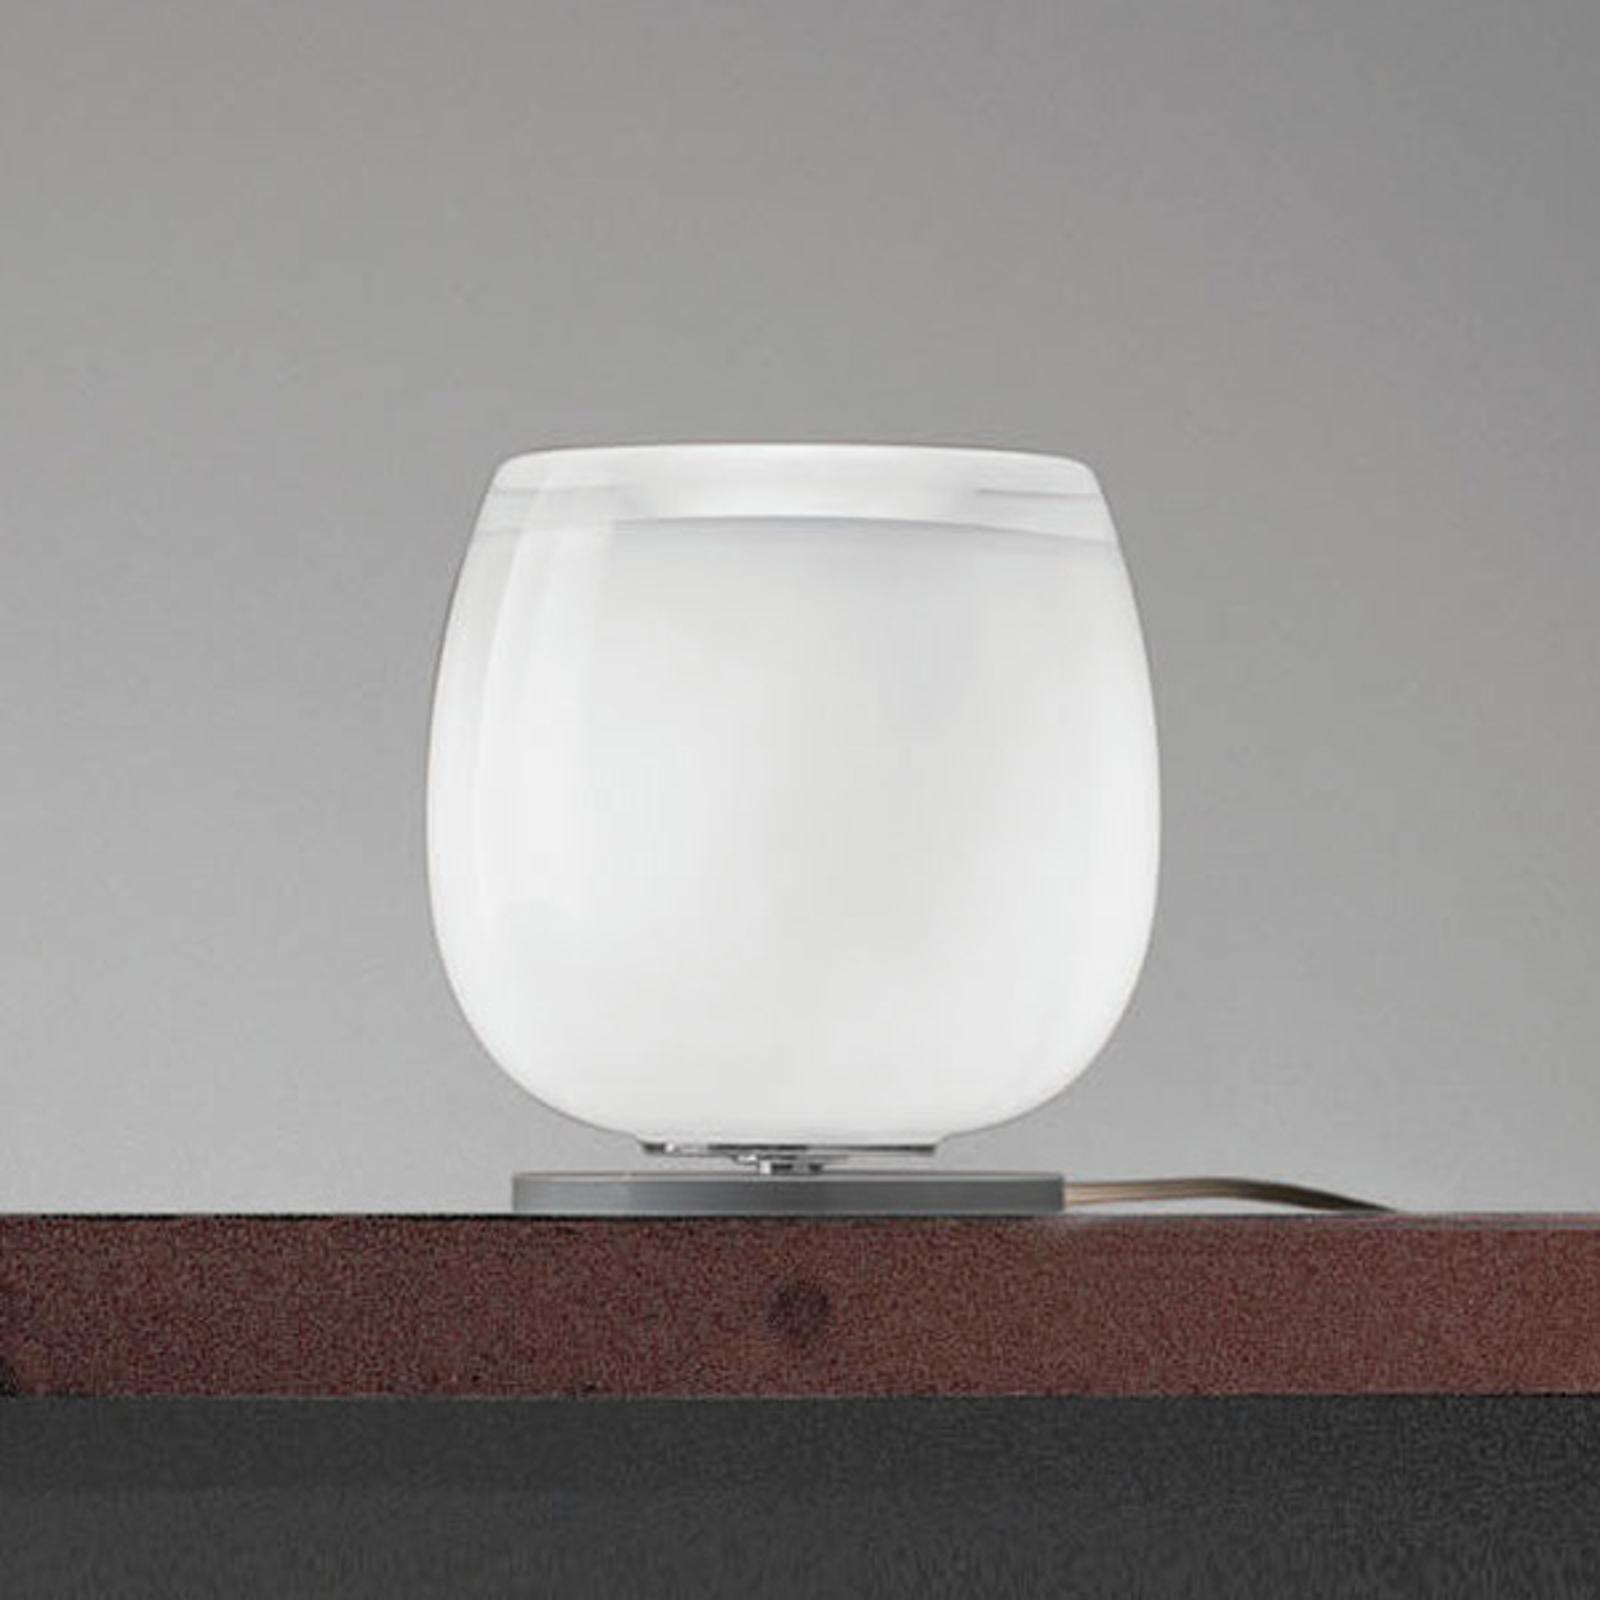 Implode - lasinen pöytälamppu Ø 16 cm